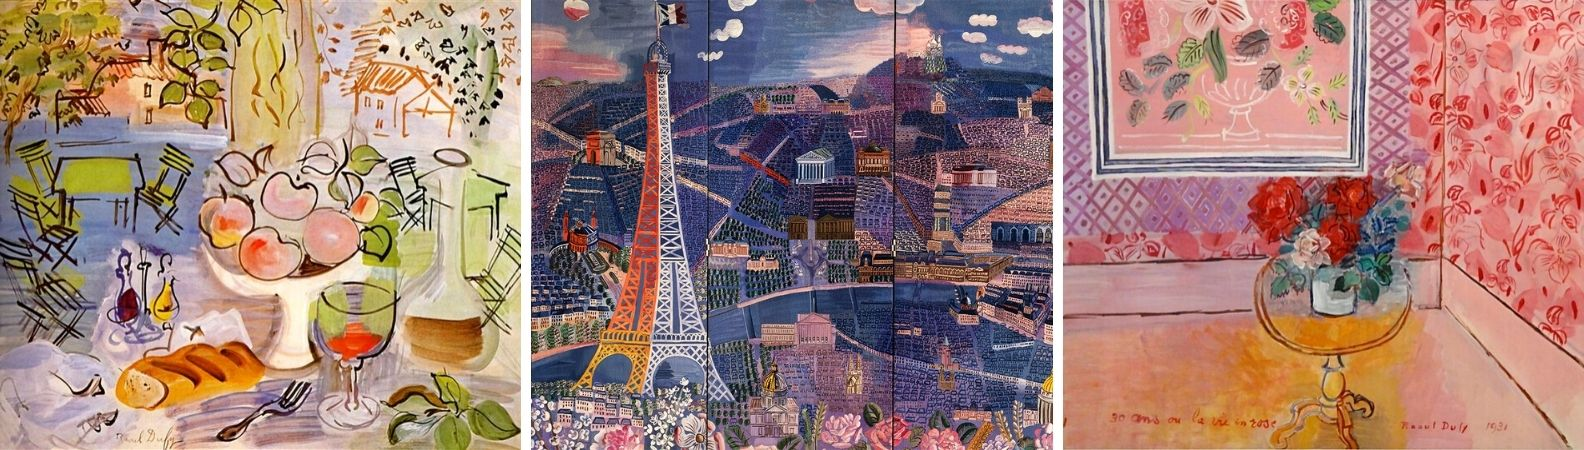 Musée de Montmartre Dufy